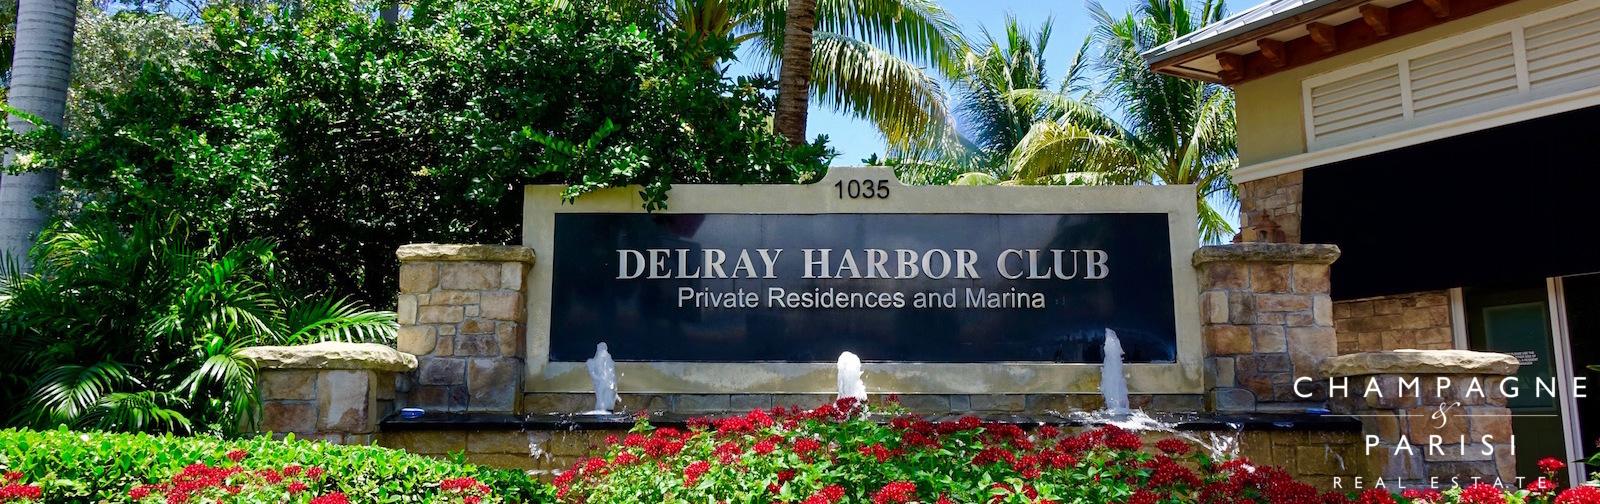 delray harbor club condos